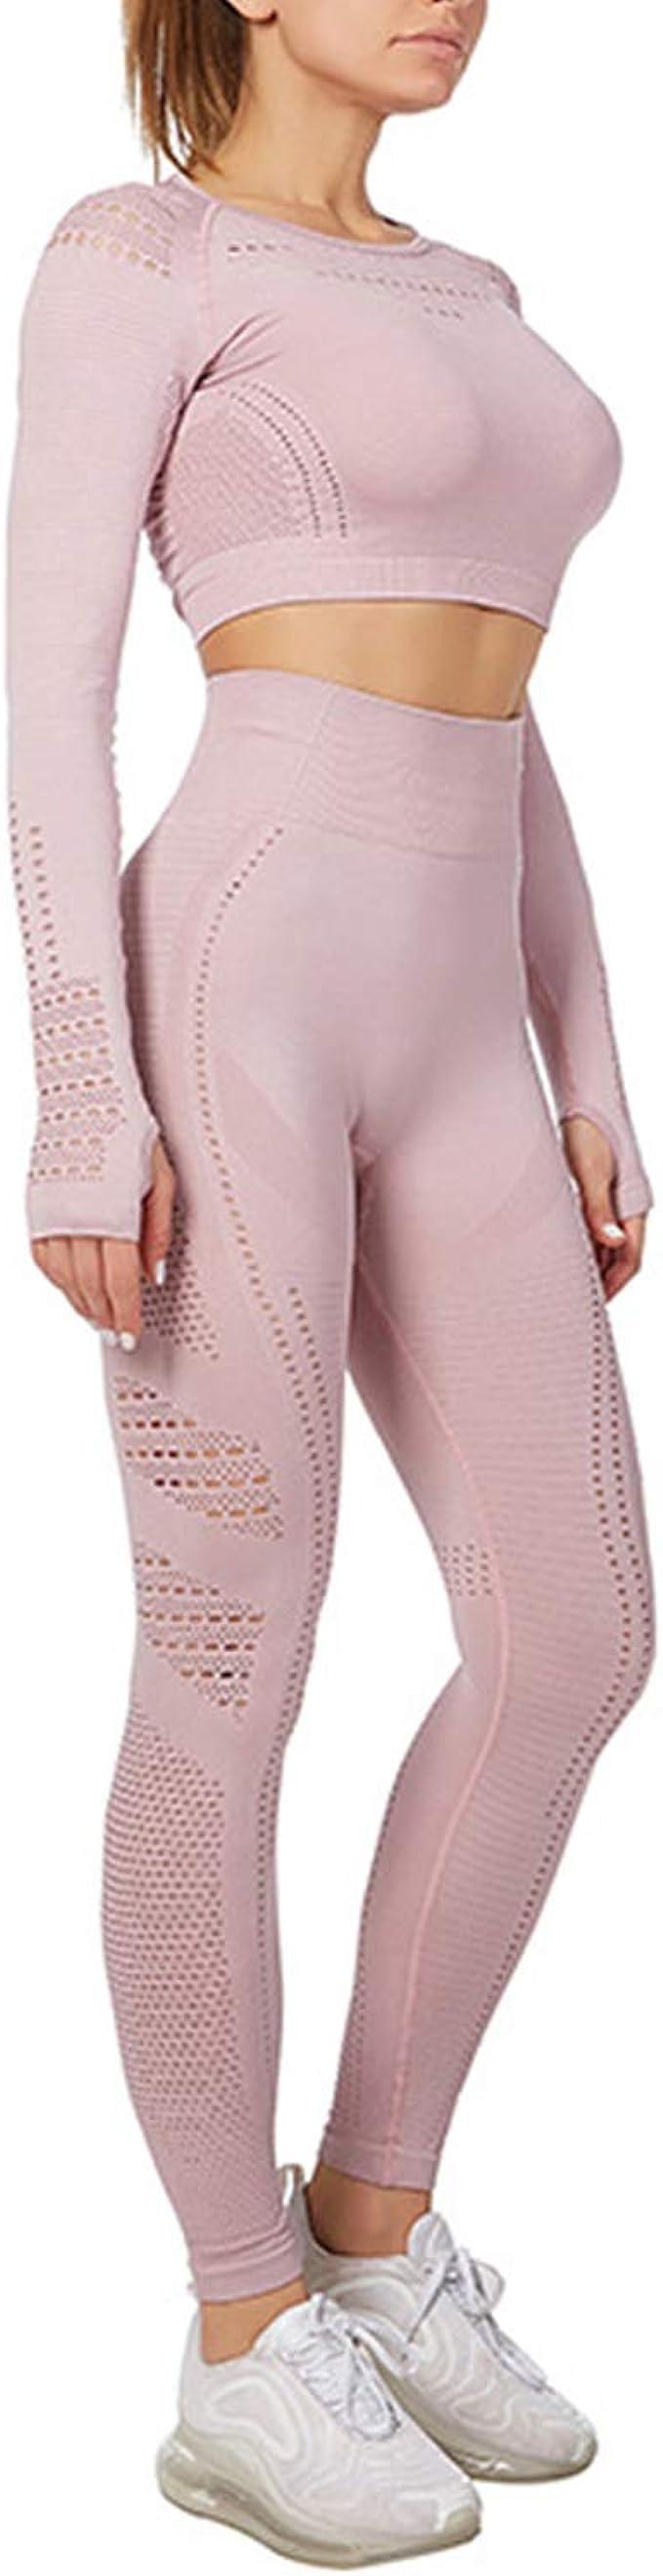 BOTRE Abbigliamento Sportivo Donna Tuta da Ginnastica 2 Pezzi Sportwear per Yoga Corso Palestra Jogging Fitness Crop Tops e Pantaloni Set